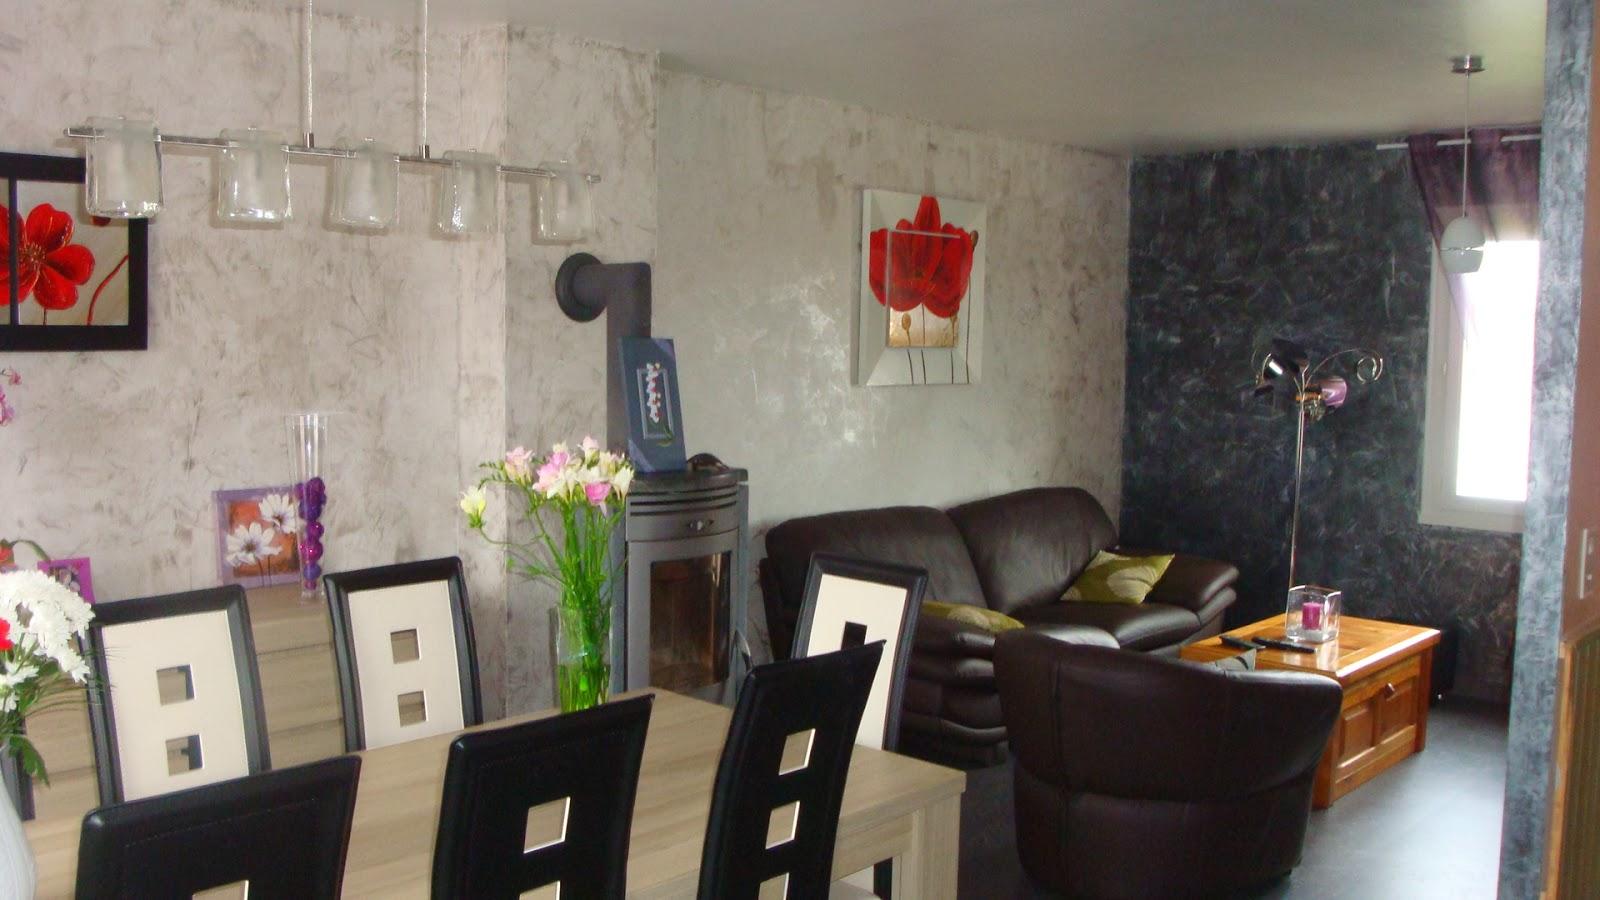 Michel le coz agencement d coration enduit d coratif s jour for Enduit decoratif cuisine